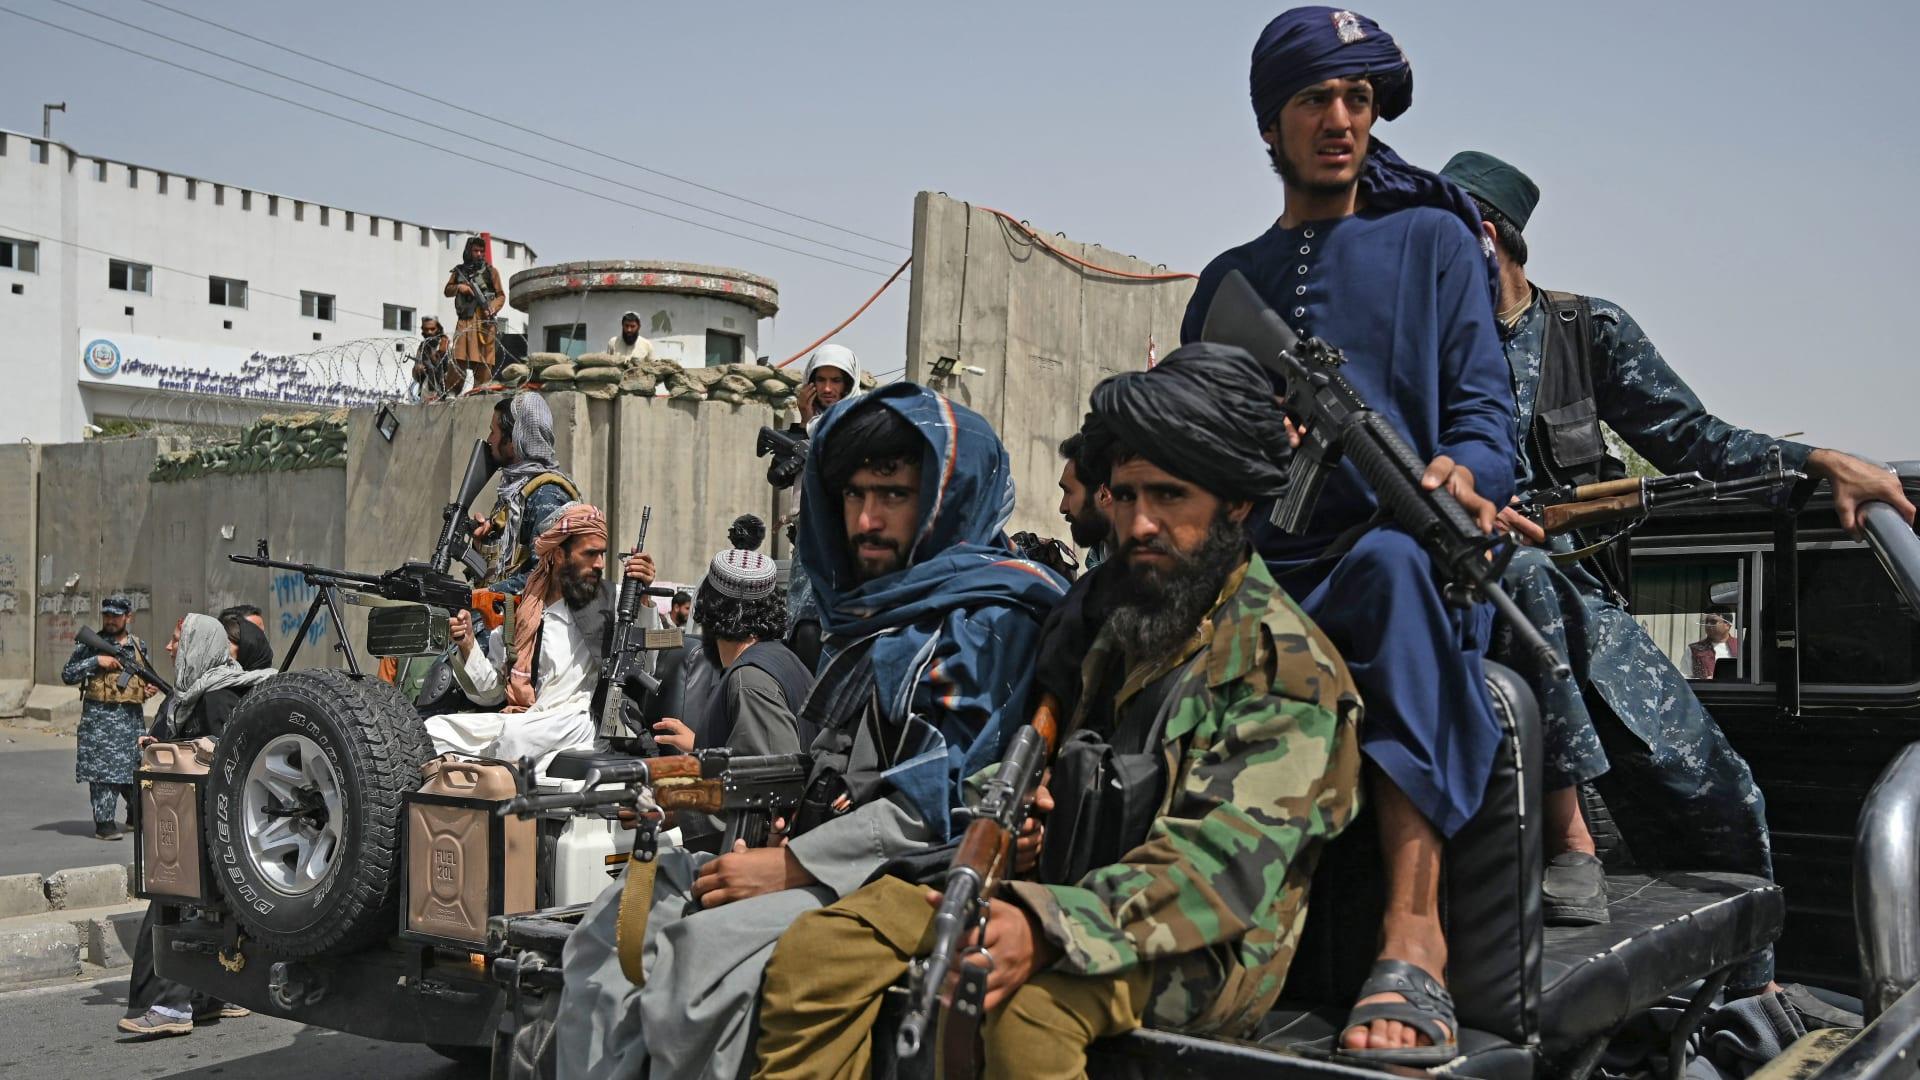 وزير الدفاع في حكومة طالبان يحذر مقاتلي الحركة من القتل التعسفي وسوء السلوك